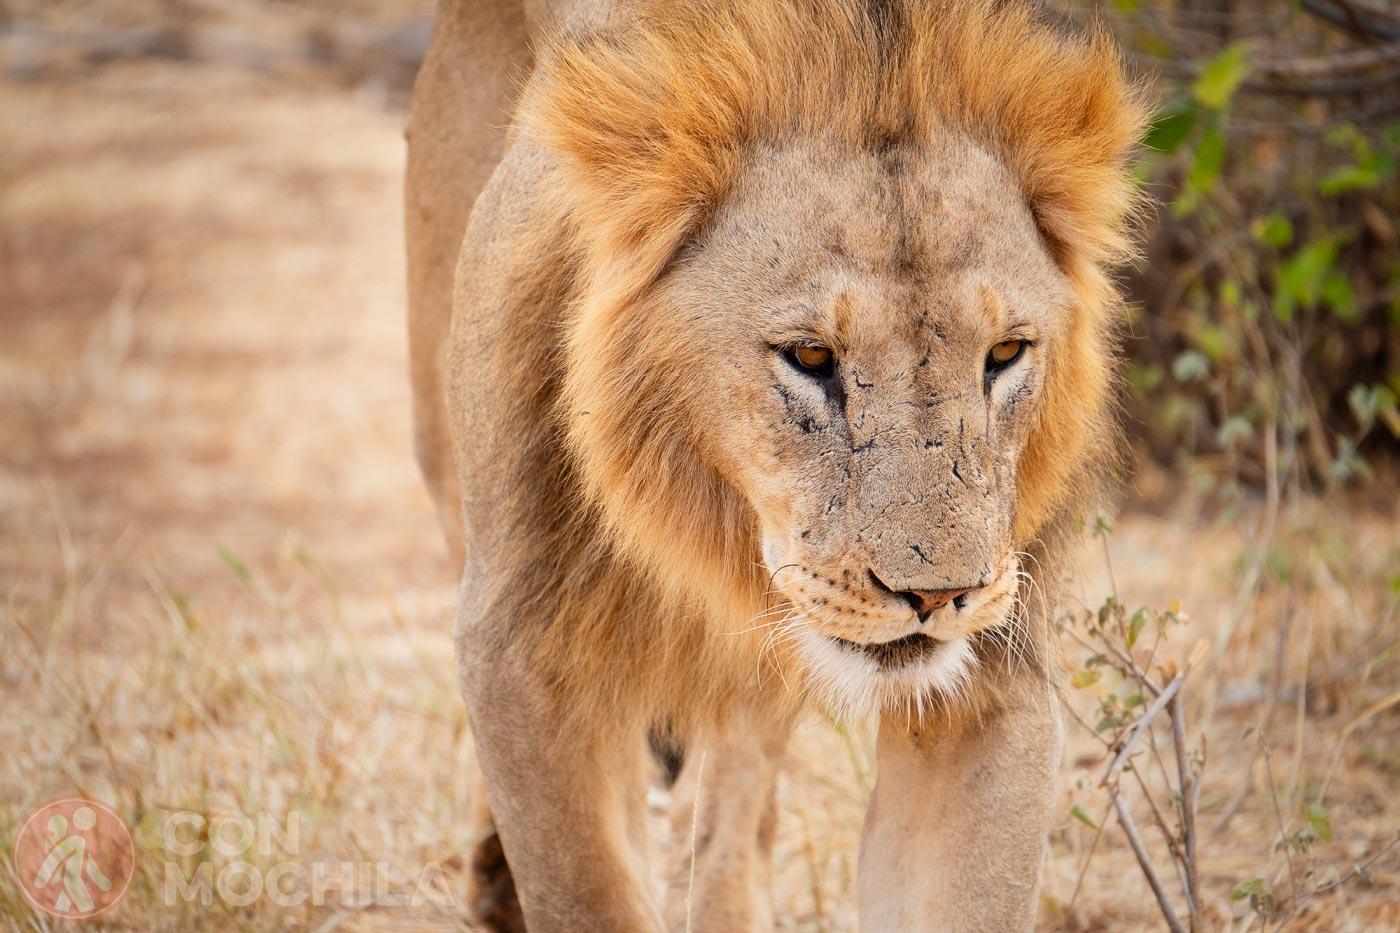 Un león a escasos metros de nuestro vehículo